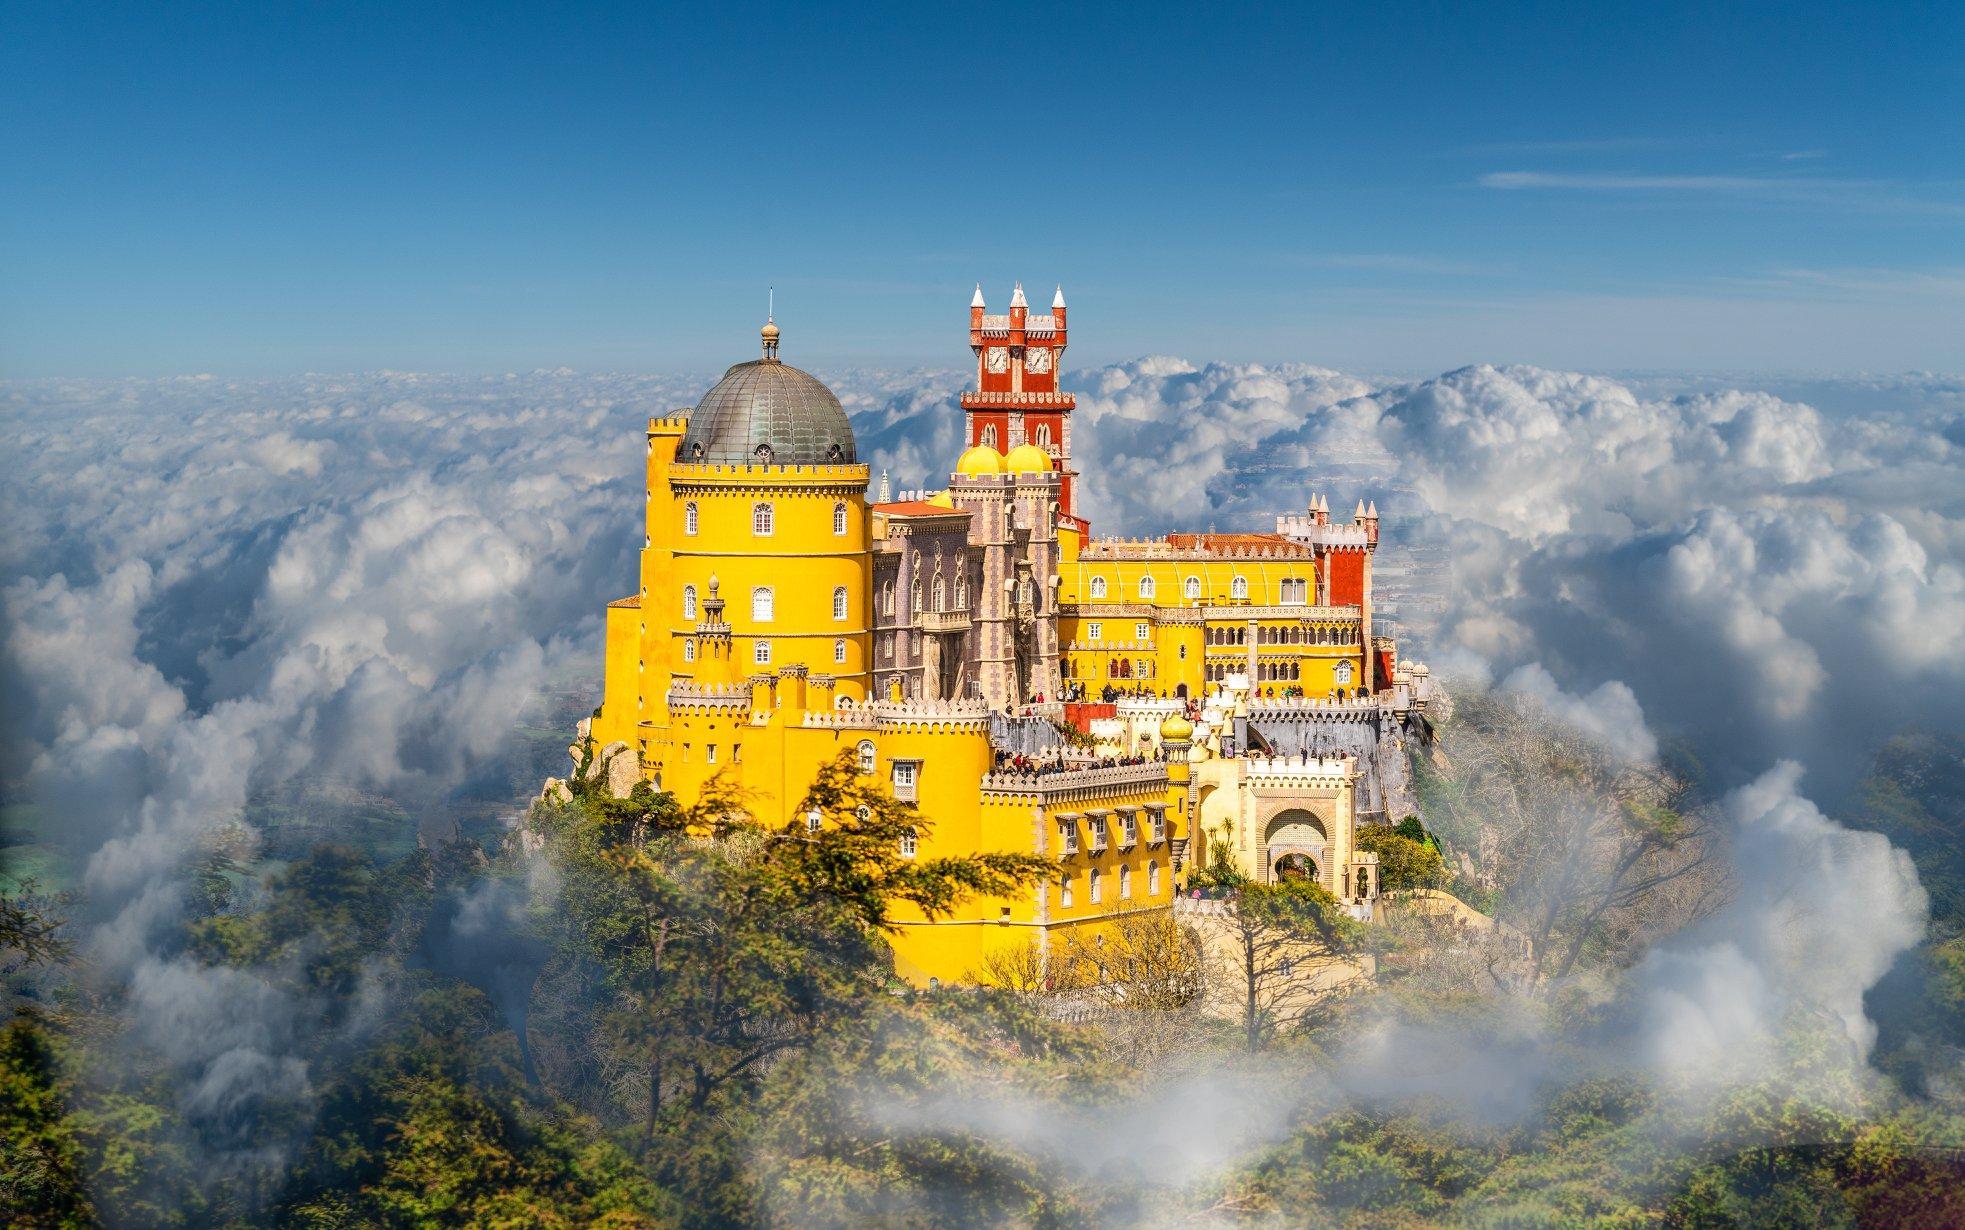 彷彿是雲端上的宮殿 (圖片提供/可樂旅遊)